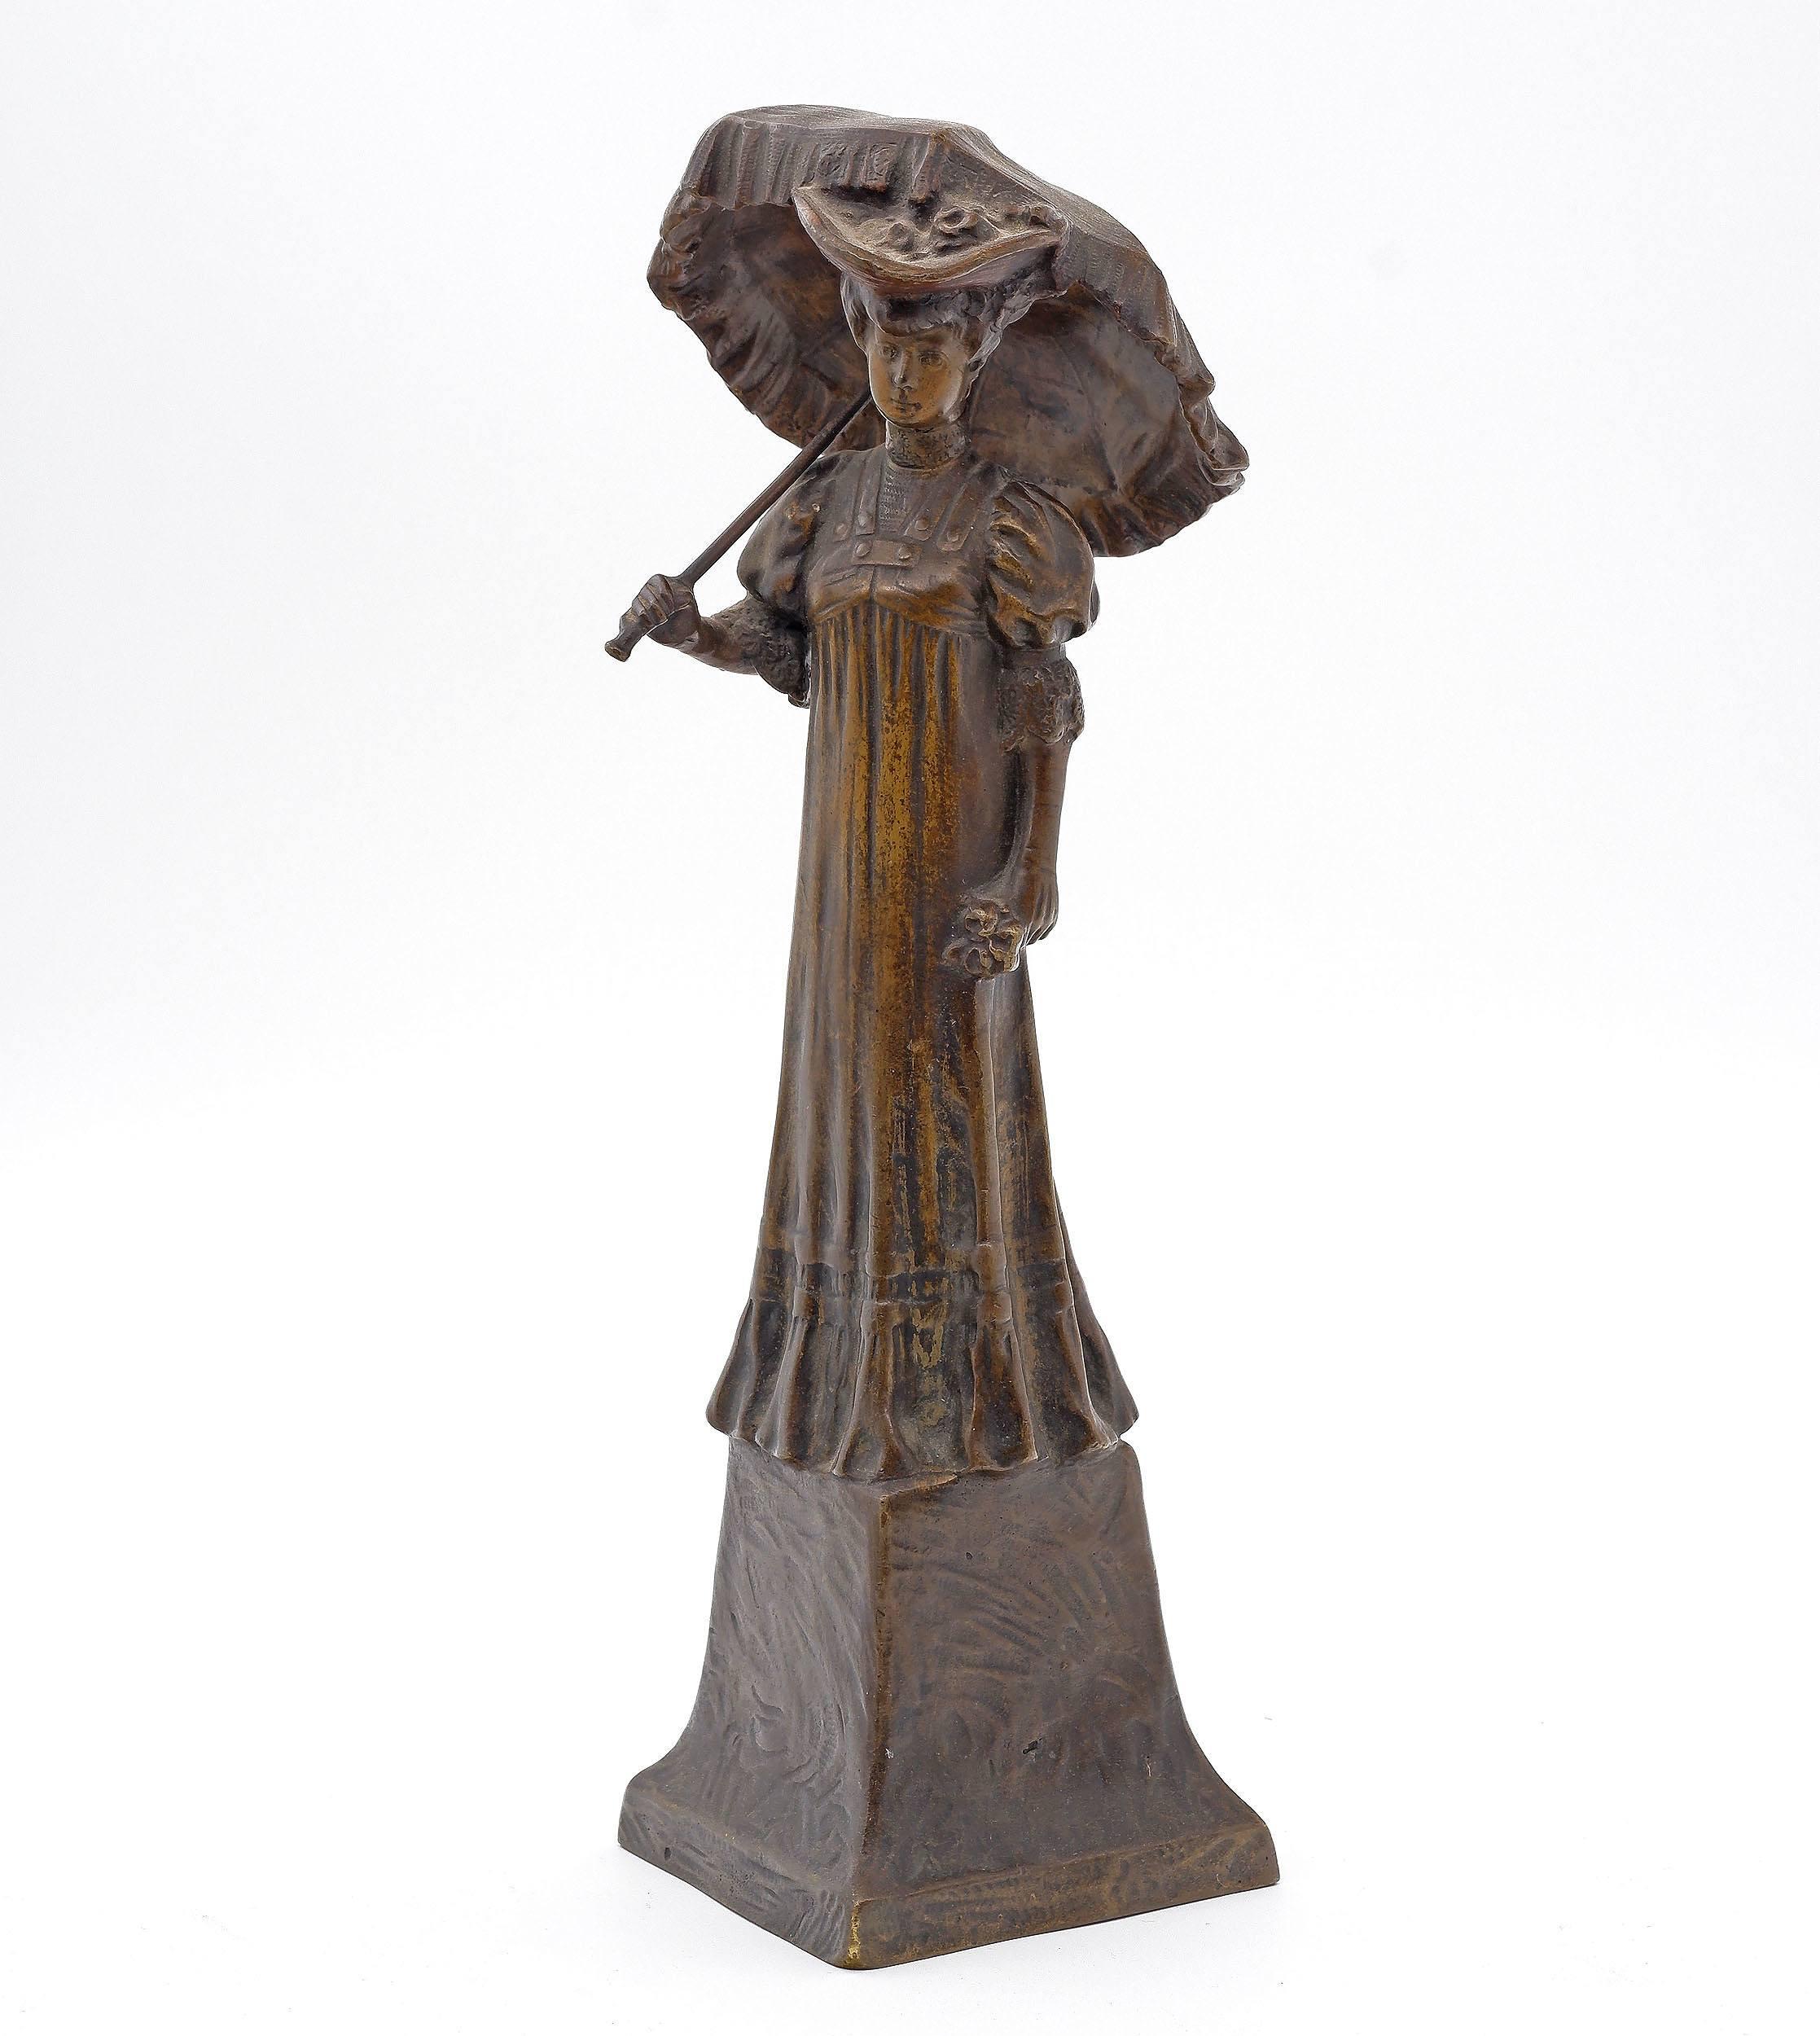 'Austrian Art Nouveau Bronze Figure of a Lady with Parasol, Circa 1900'